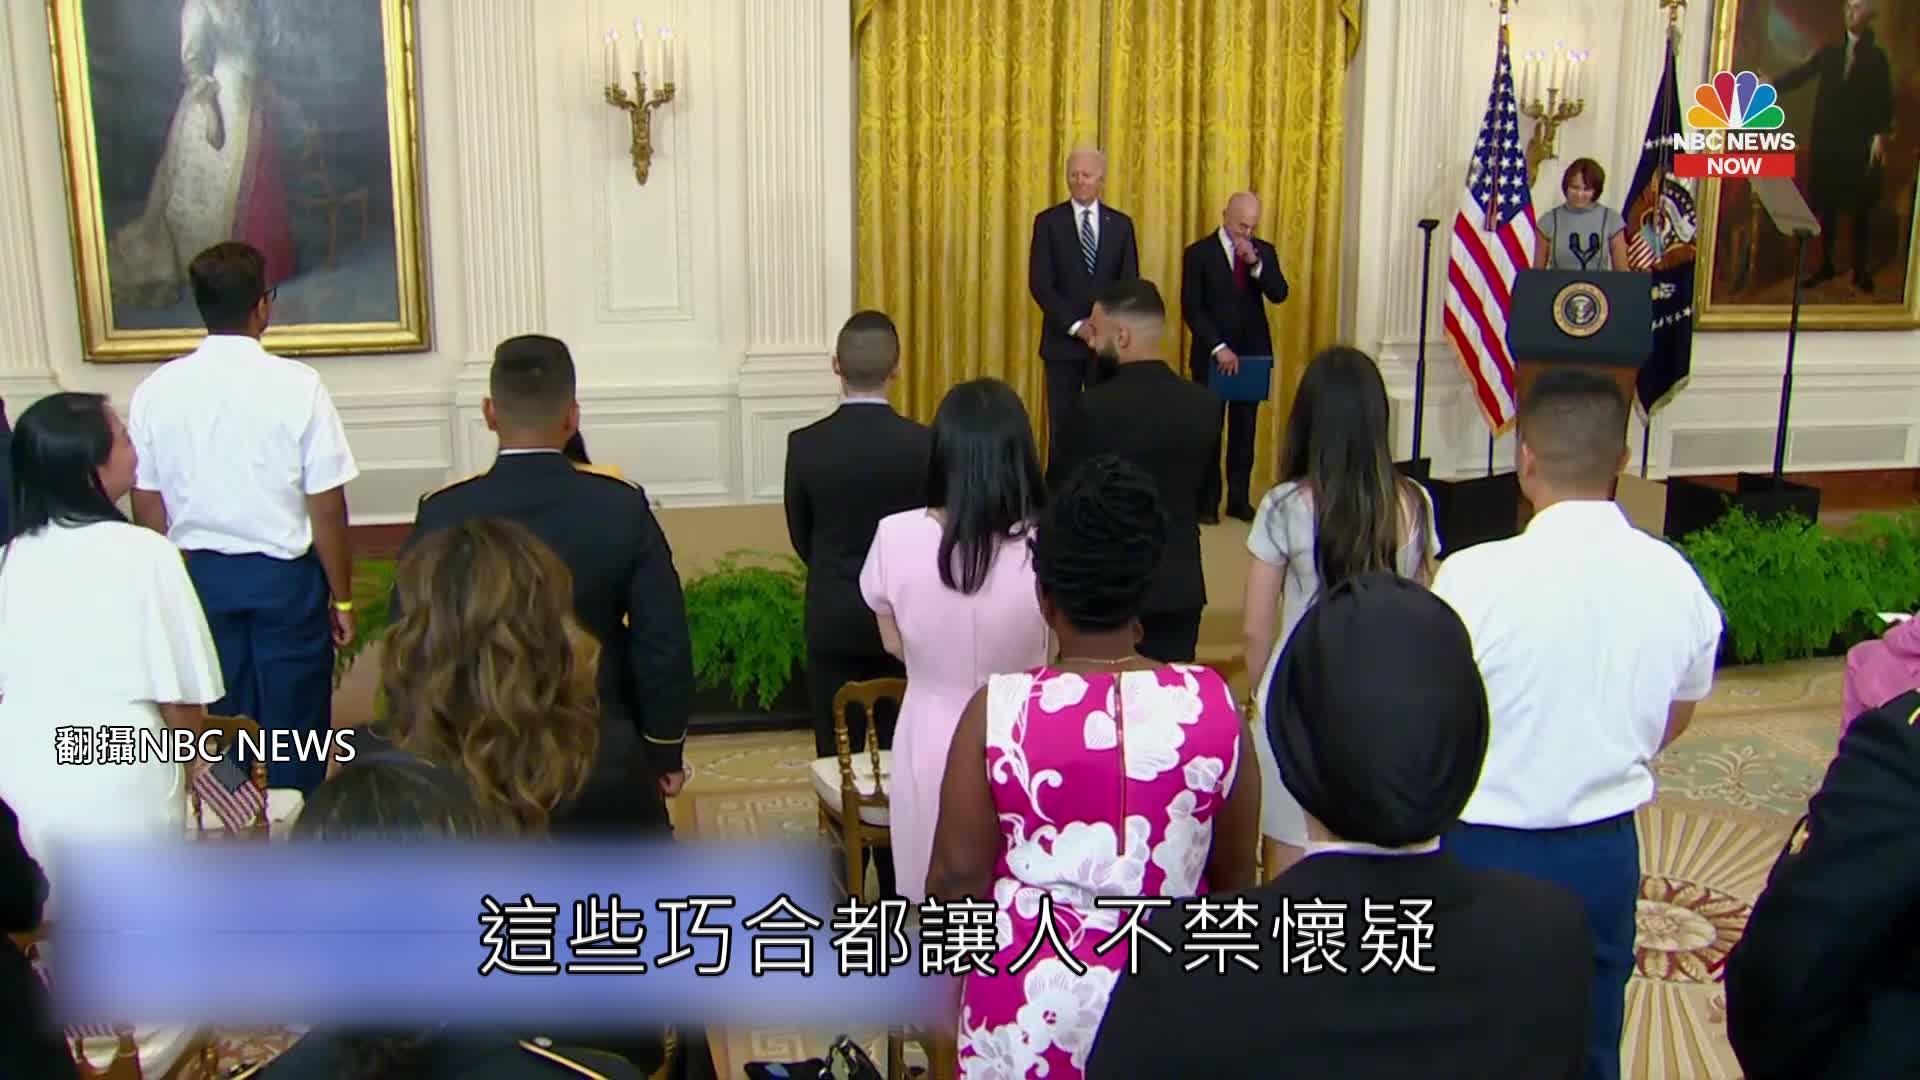 白宮認「放台國旗」是無心之過 拜登一週兩次刺激北京!? 鏡週刊